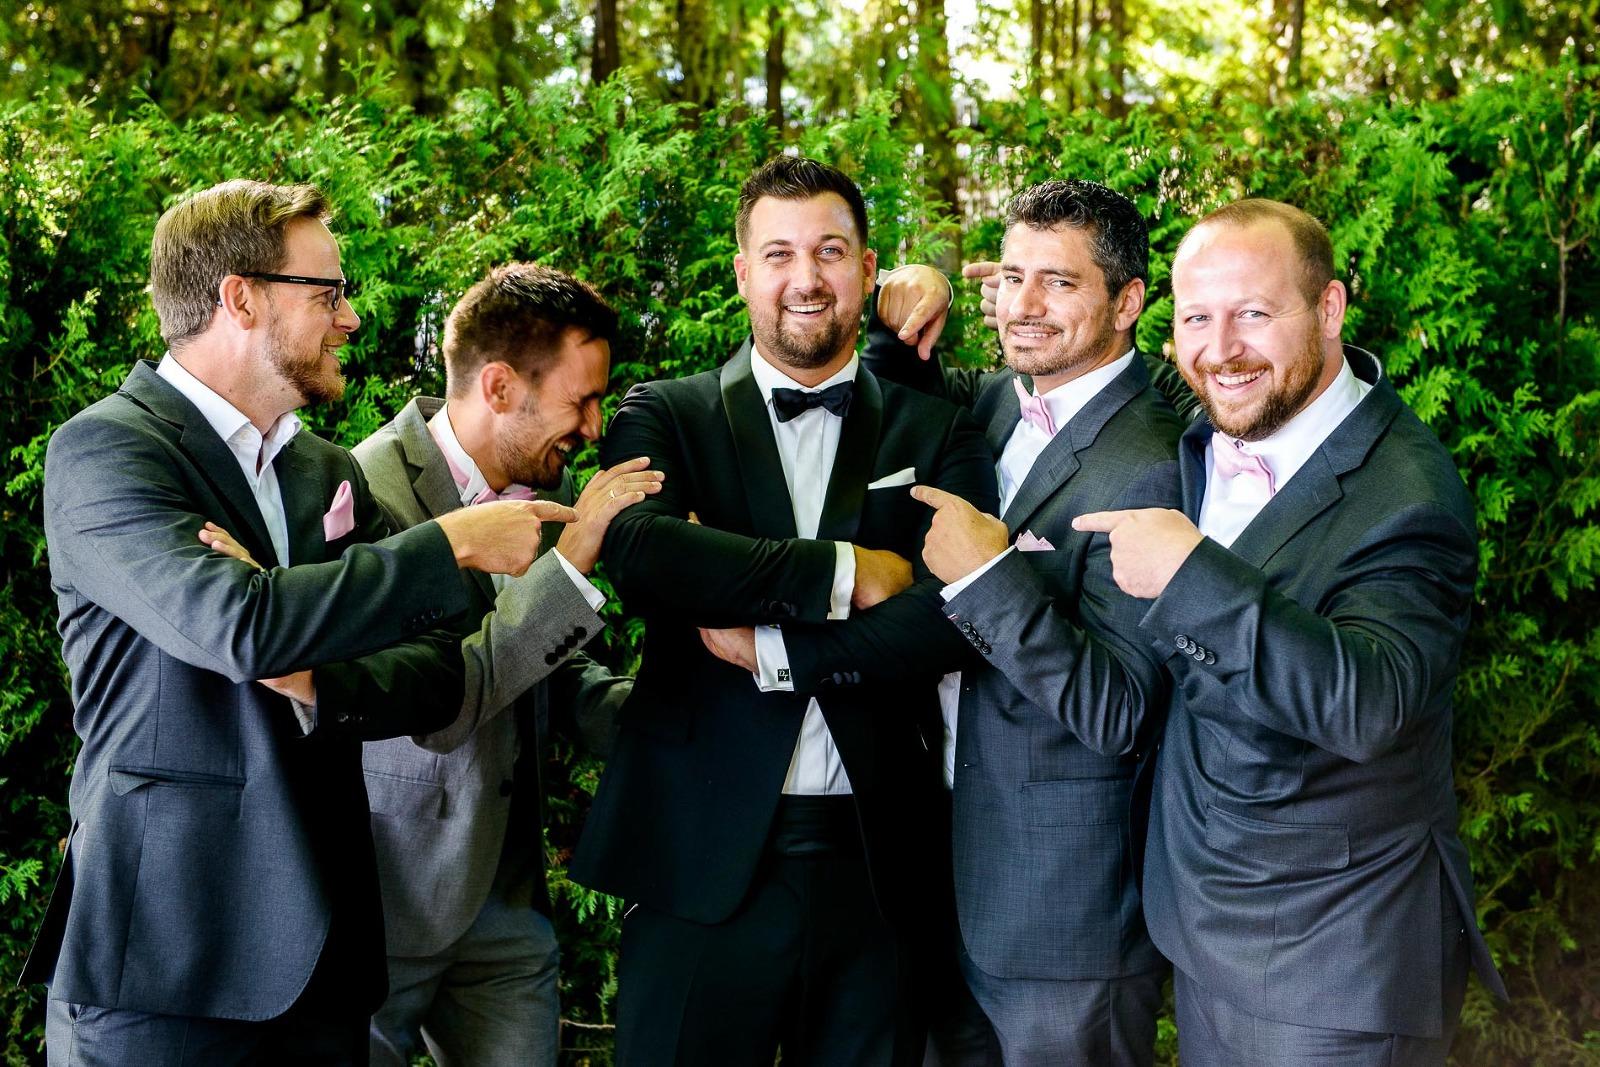 Hochzeitsfotograf München, Bräutigam mit best man bei einer Hochzeit in Stegen am Ammersee